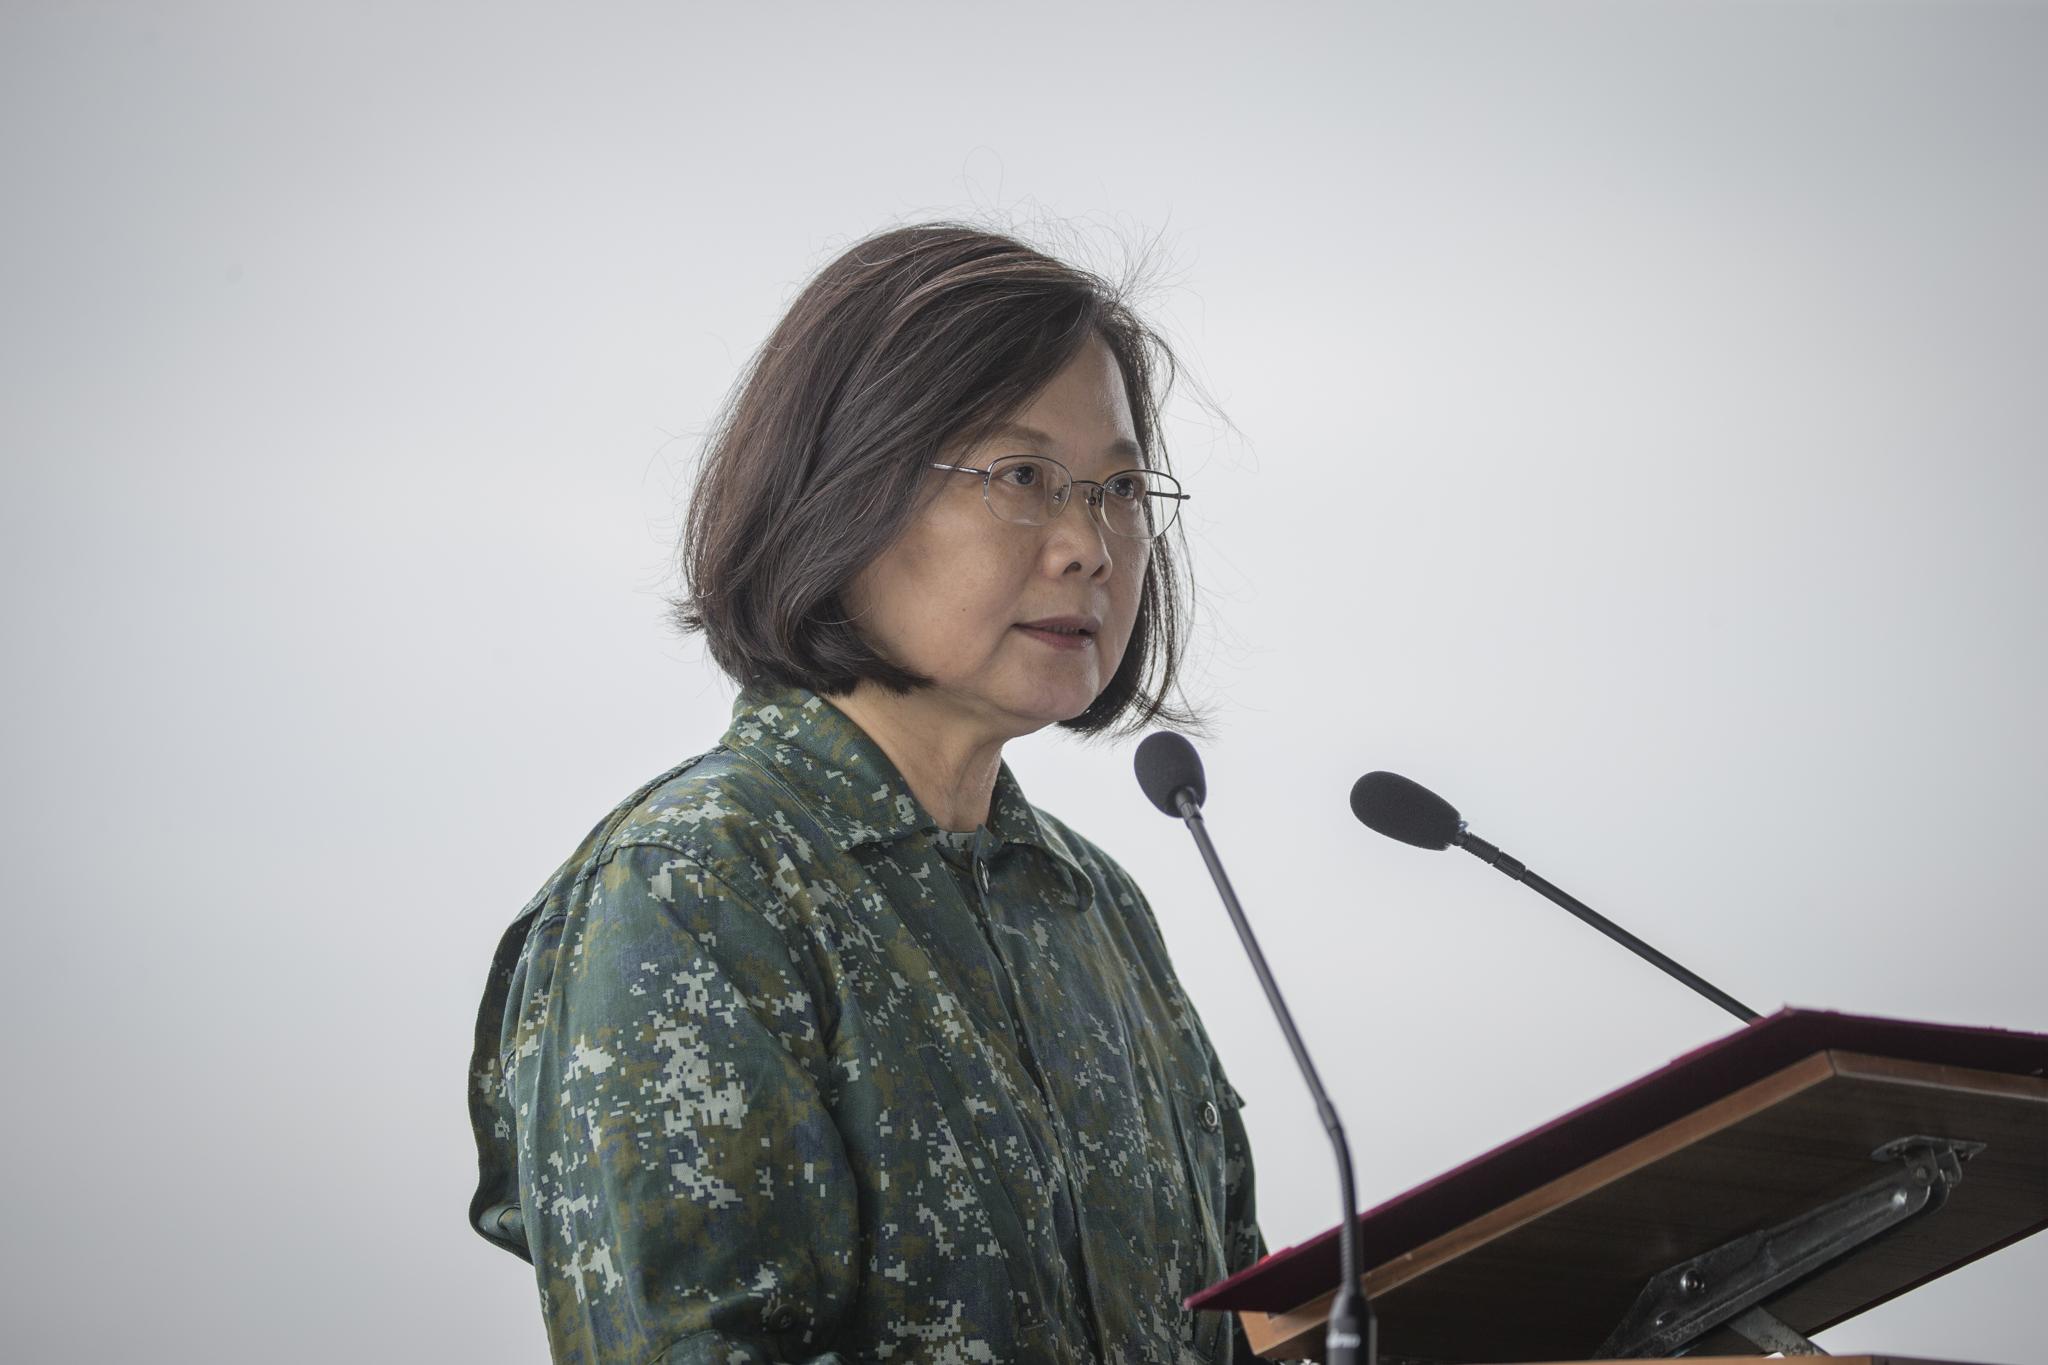 Tajvan elnöke demokratikus szövetséget sürget Kína ellen